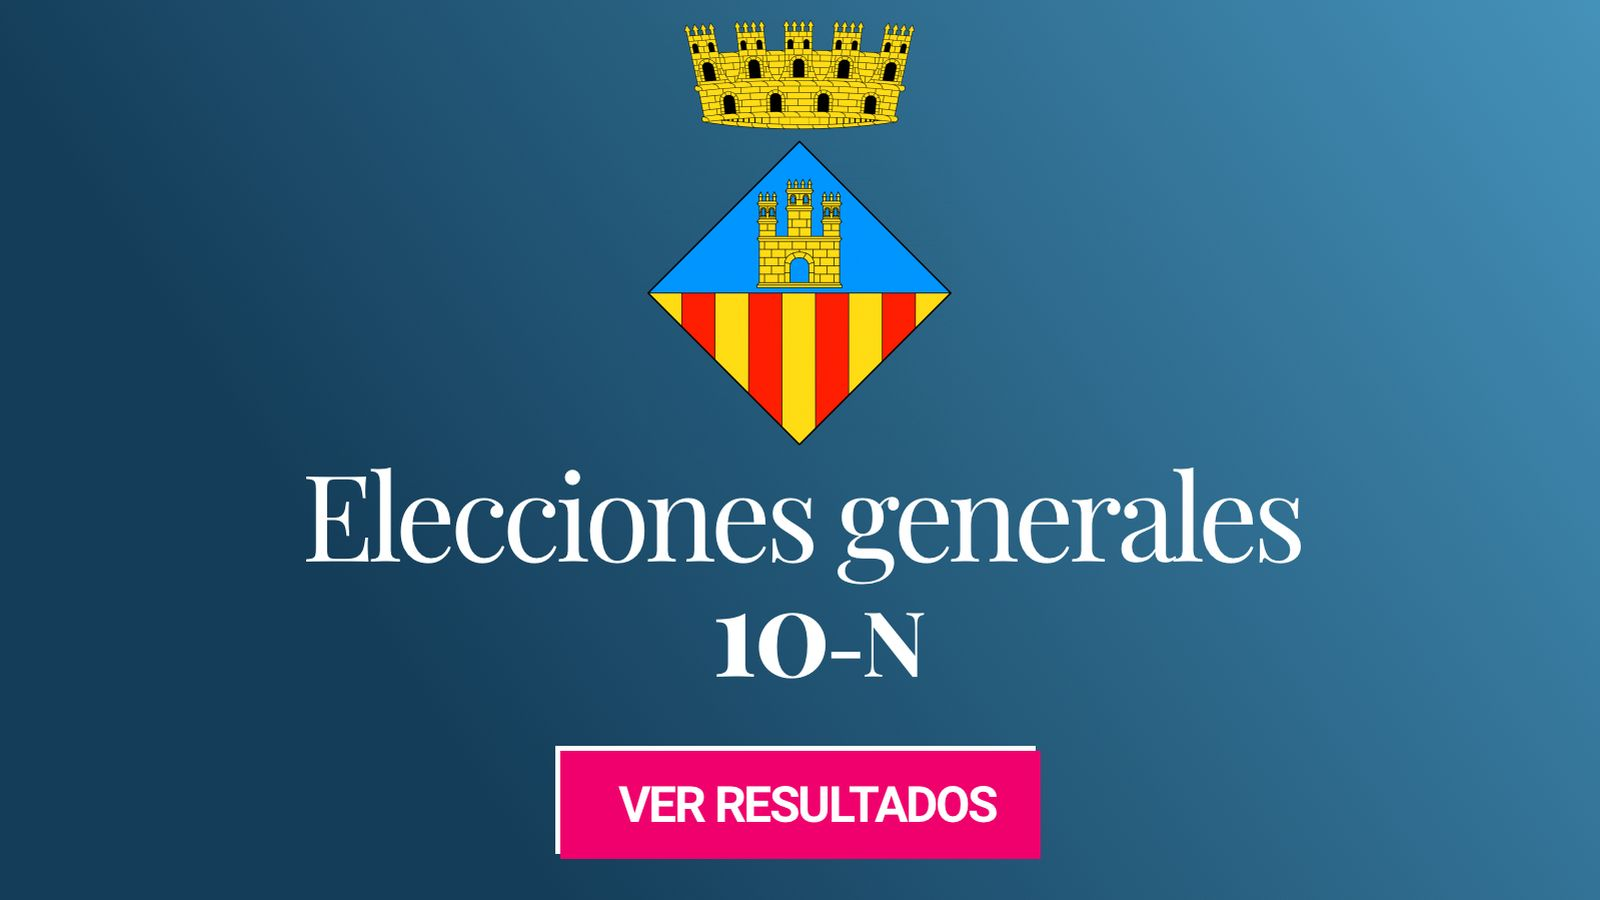 Foto: Elecciones generales 2019 en Vilanova i la Geltrú. (C.C./EC)